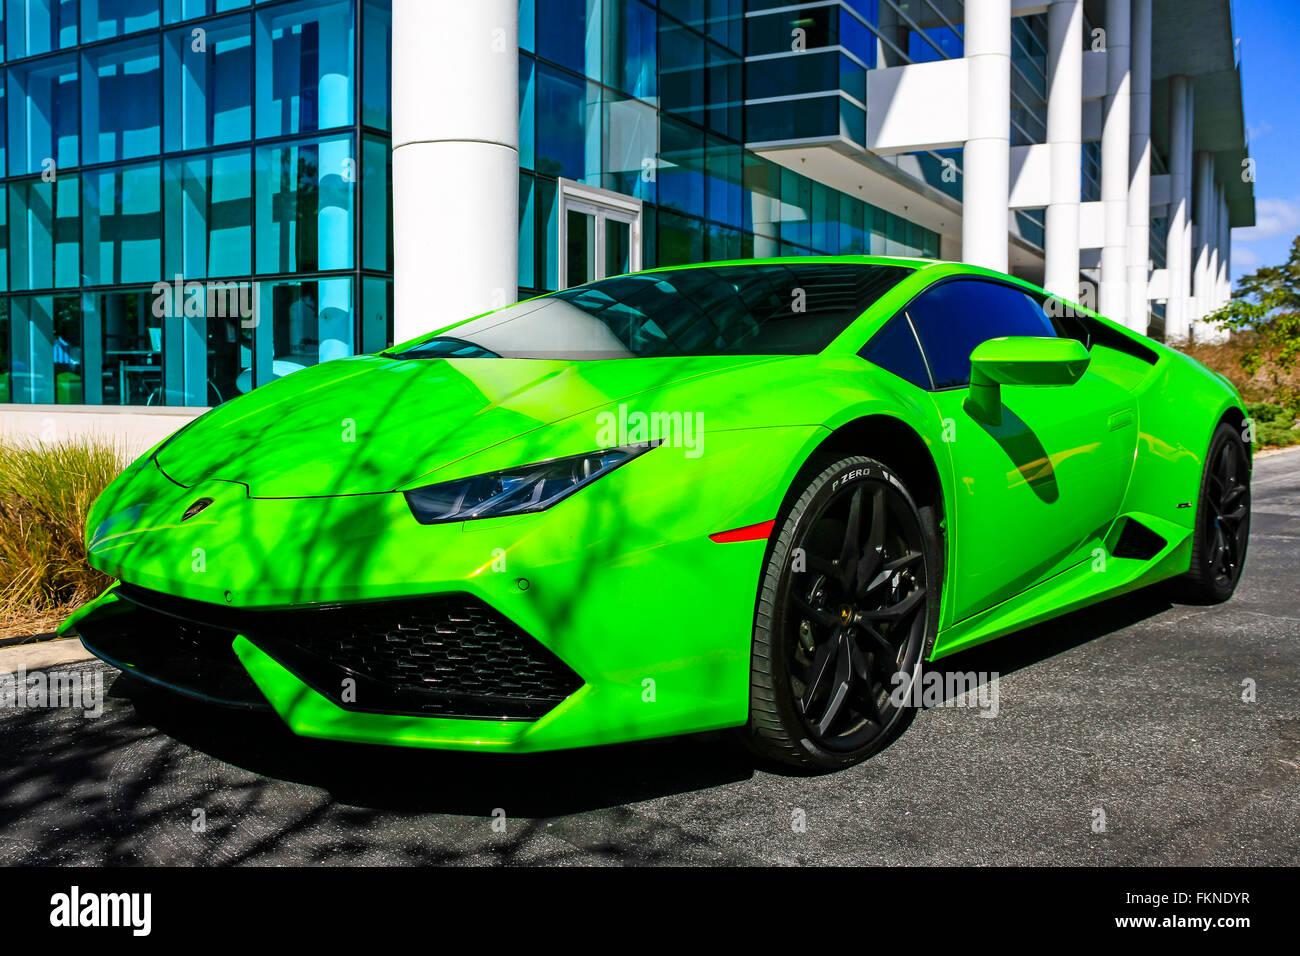 Lime Green Lamborghini Huracan